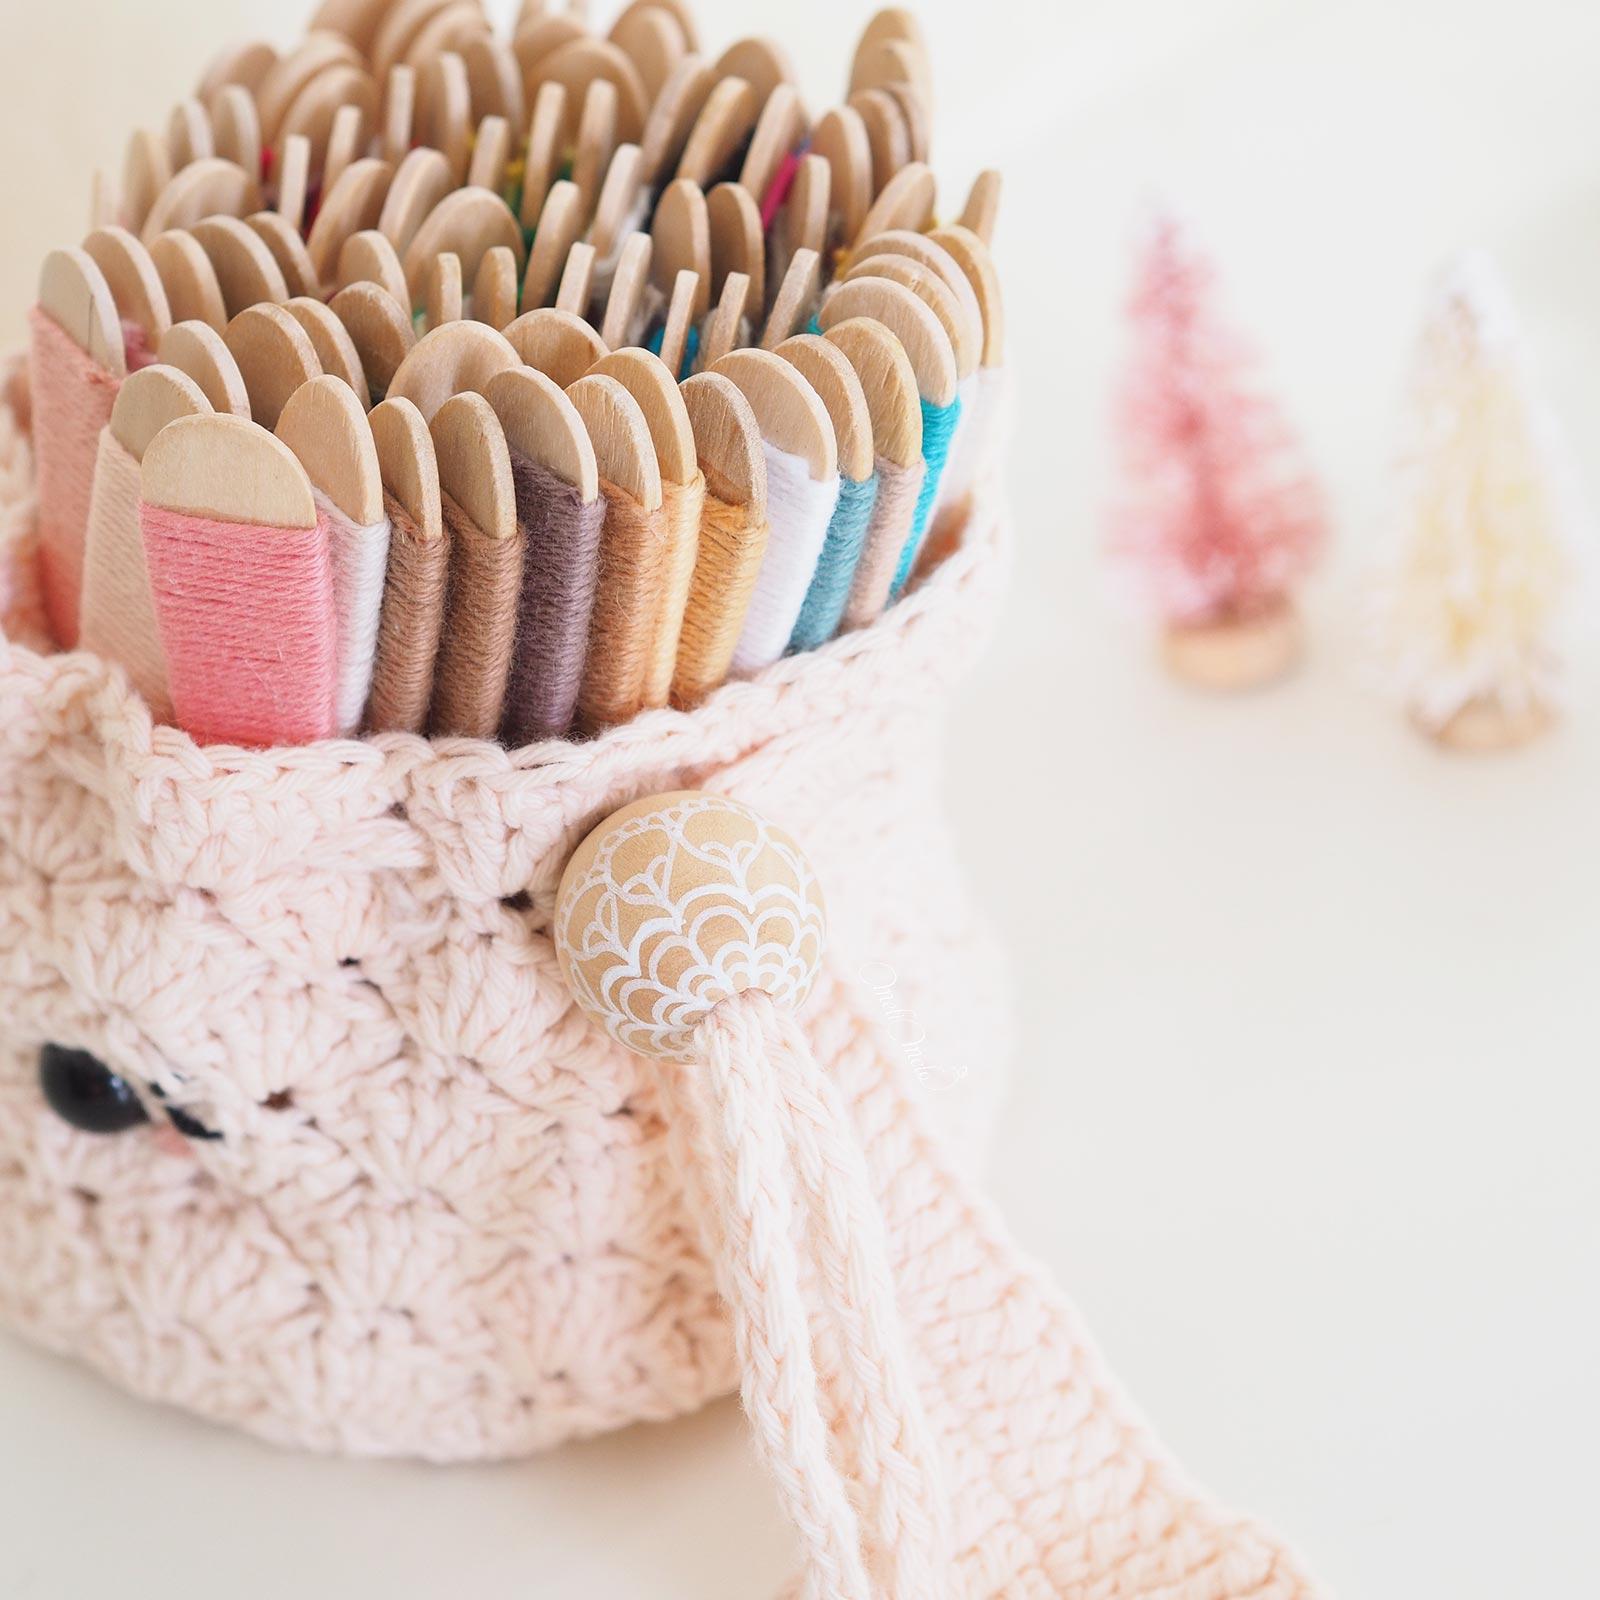 perle-bois-pochon-lapine-crochet-coton-ricorumi-laboutiquedemelimelo